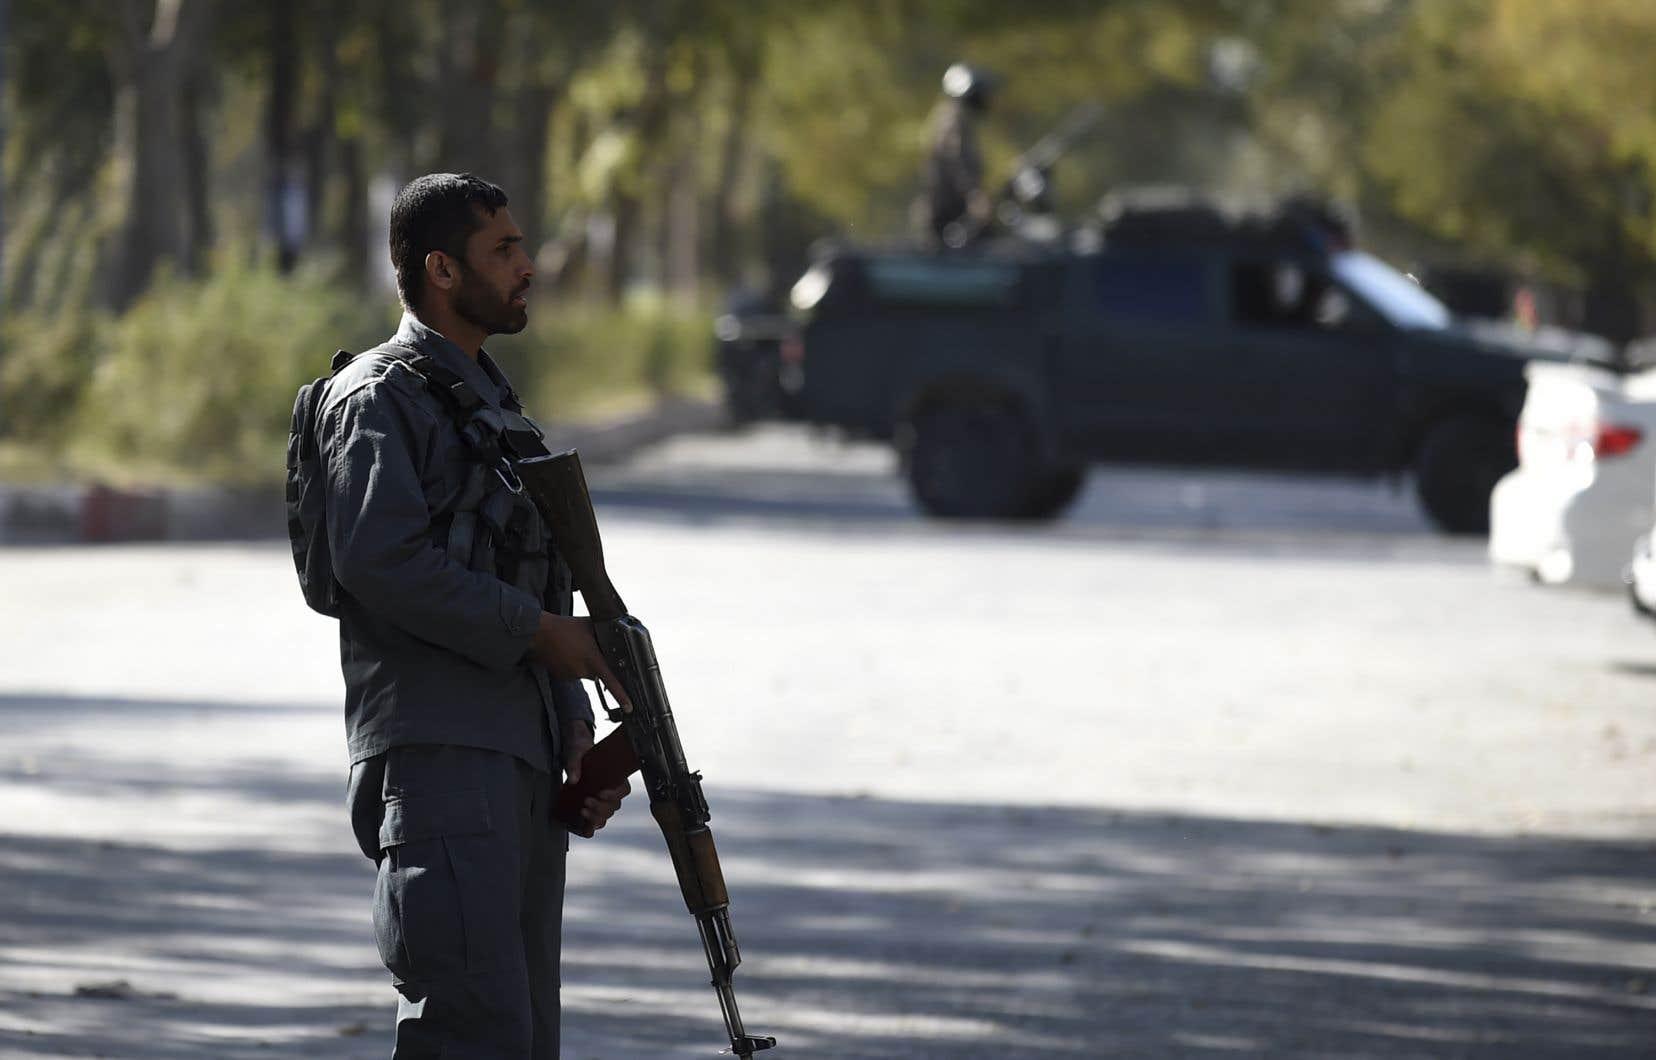 Les affrontements ont opposé pendant plusieurs heures les assaillants aux forces de sécurité à l'intérieur de la plus grande université du pays.